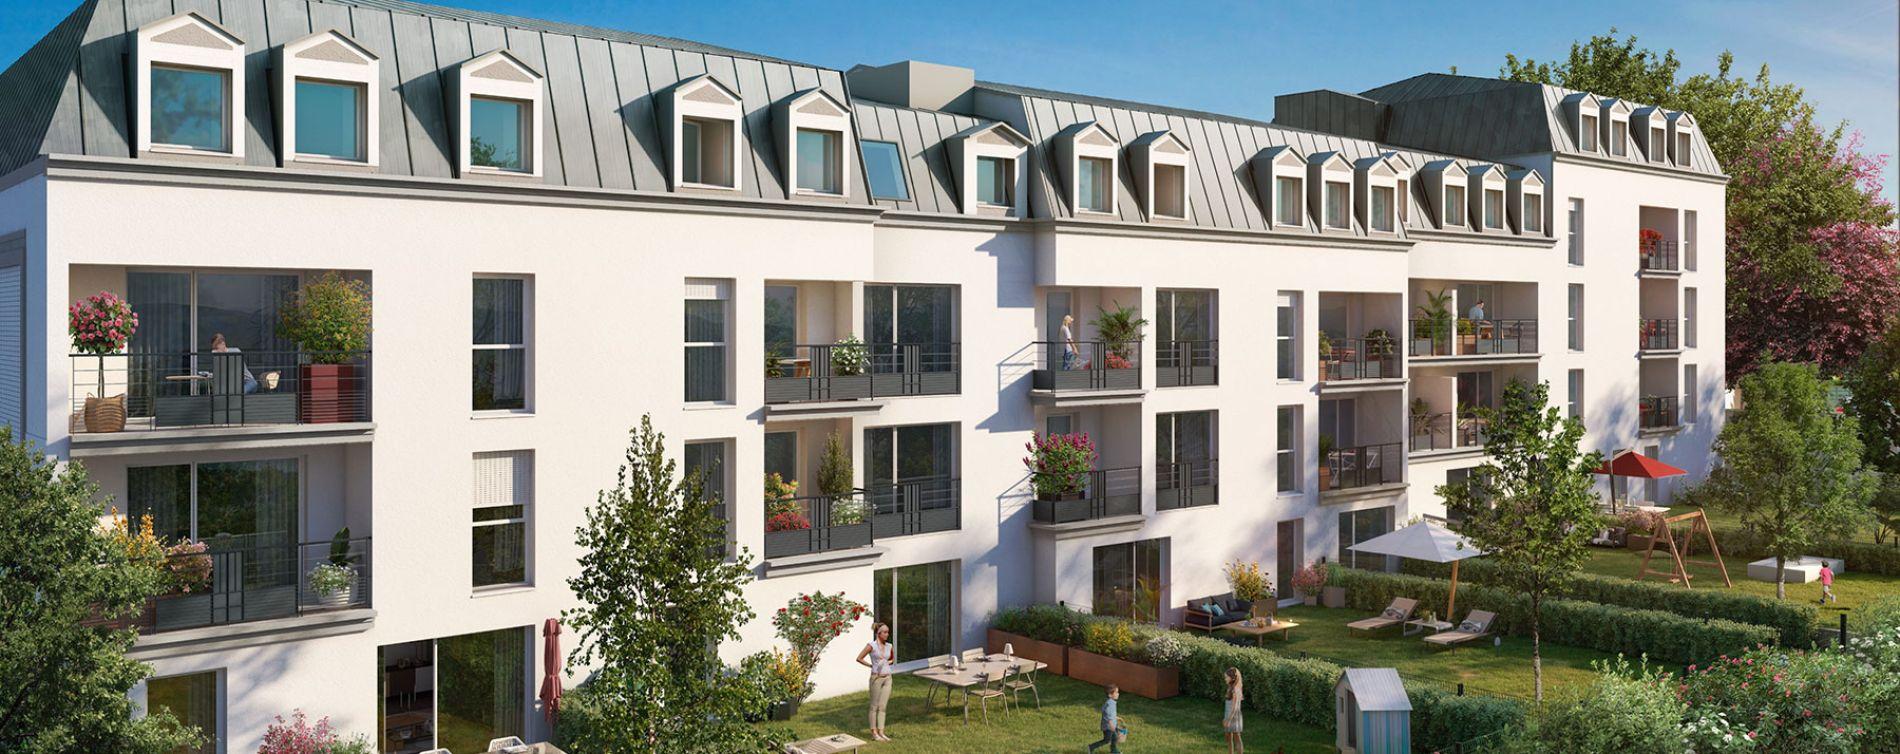 Savigny-sur-Orge : programme immobilier neuve « Le Fantasio » (2)